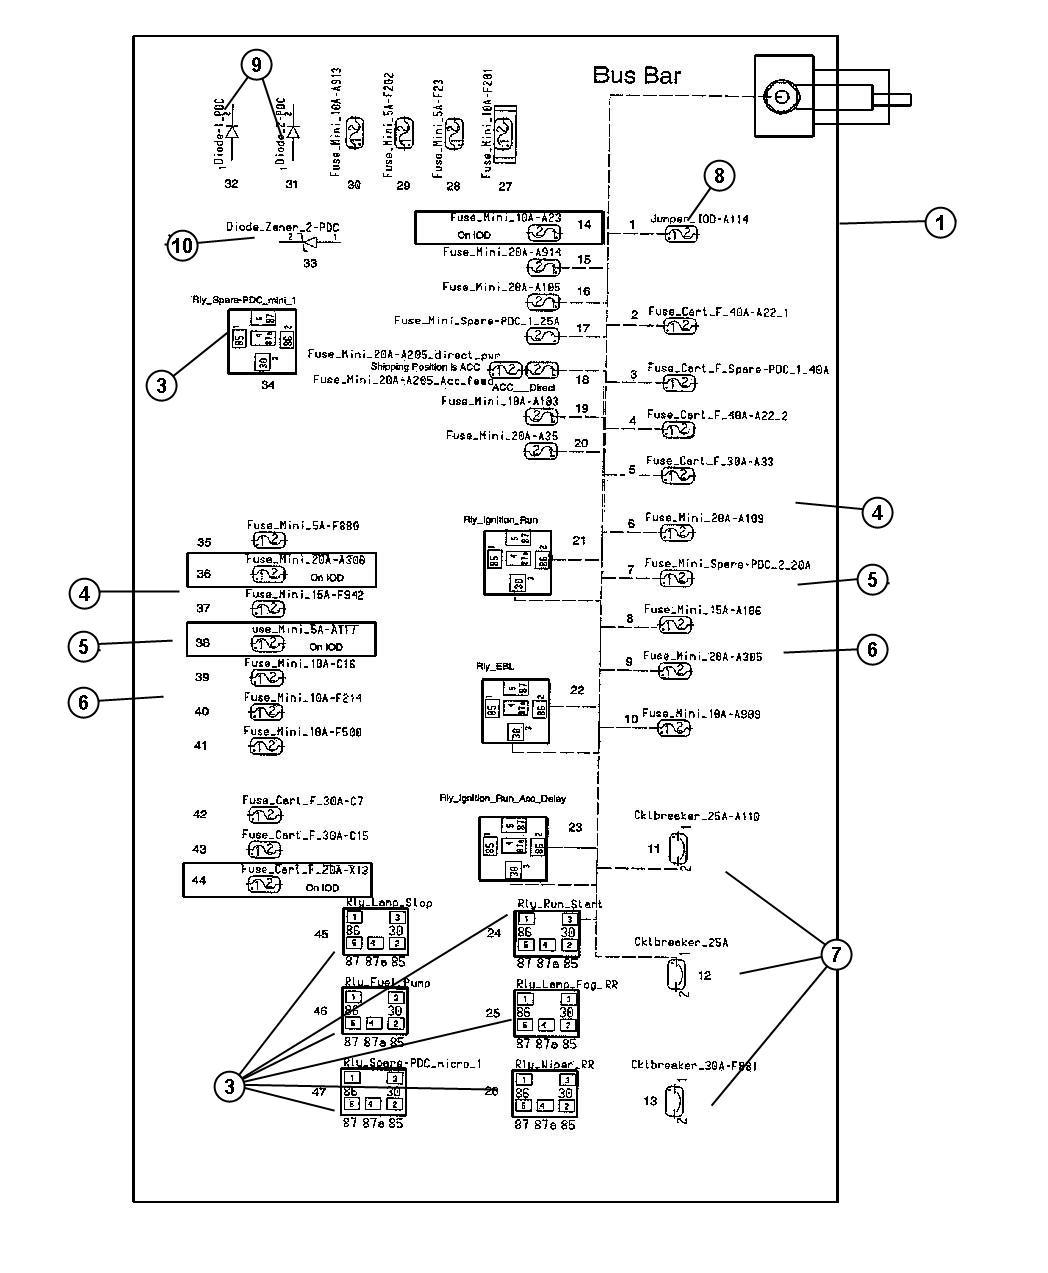 chrysler 300 fuse box diagram virago xv535 wiring 300c get free image